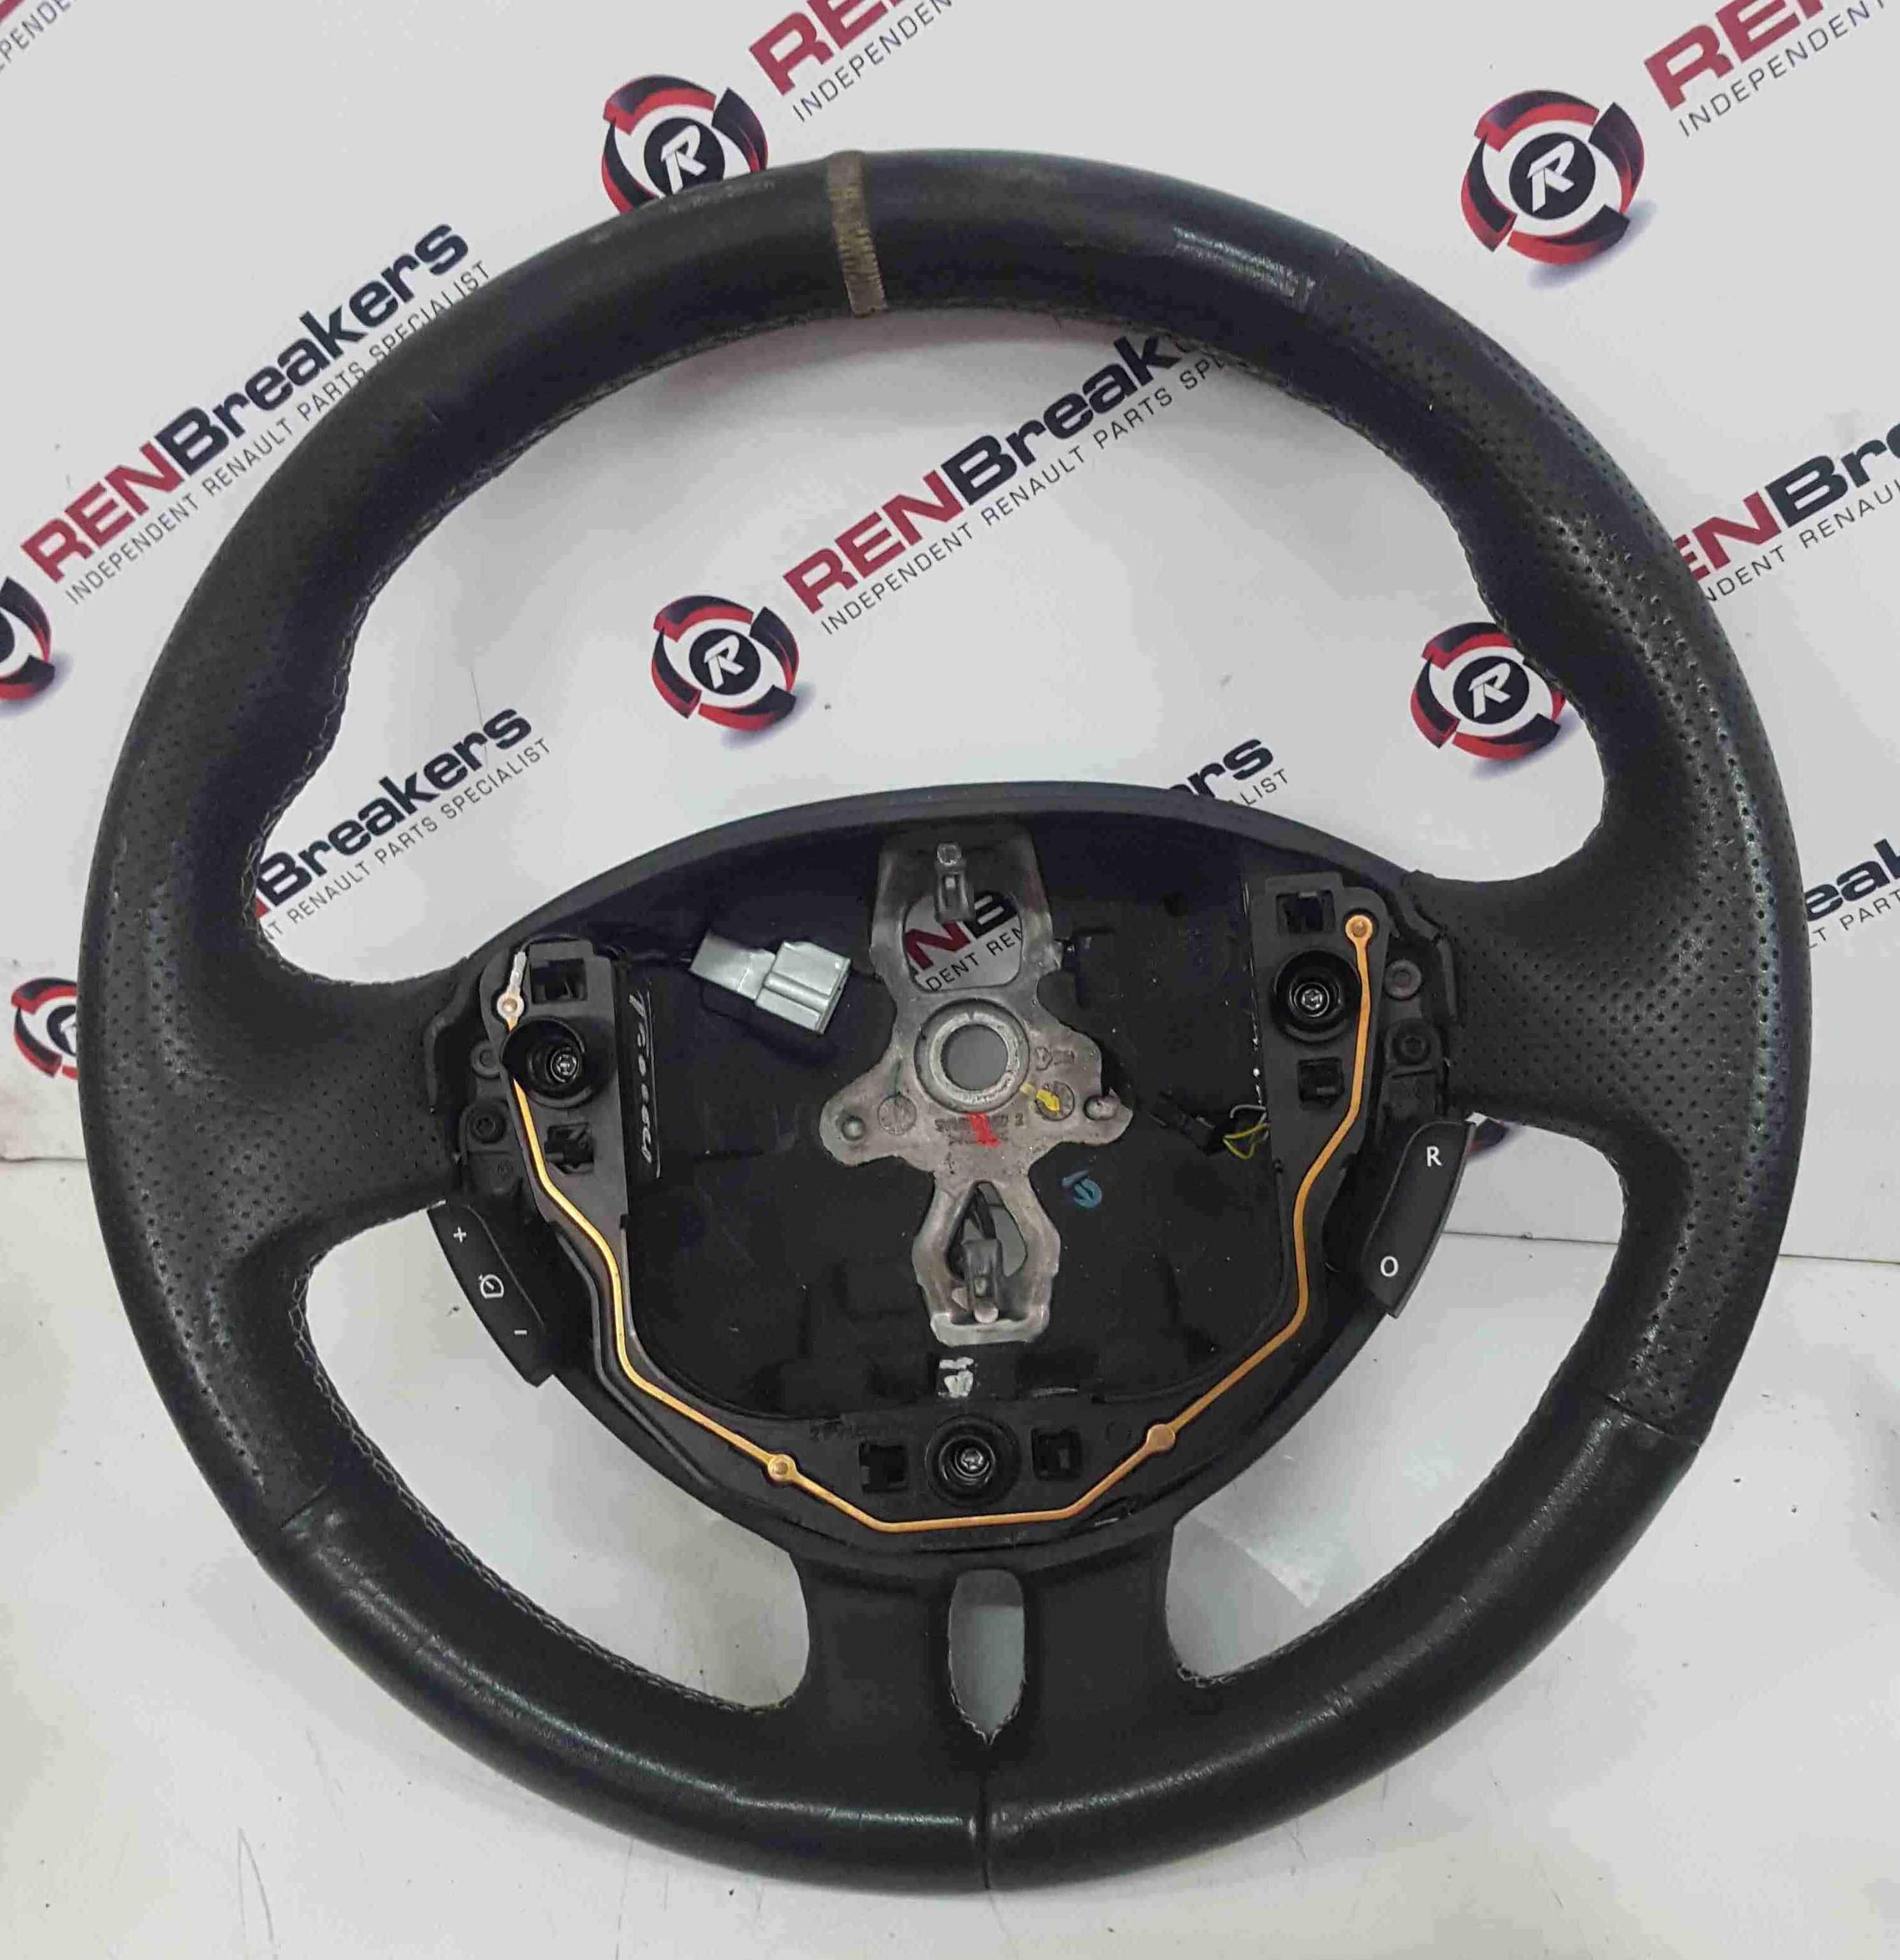 Renault Clio Sport MK3 2009-2012 Steering Wheel